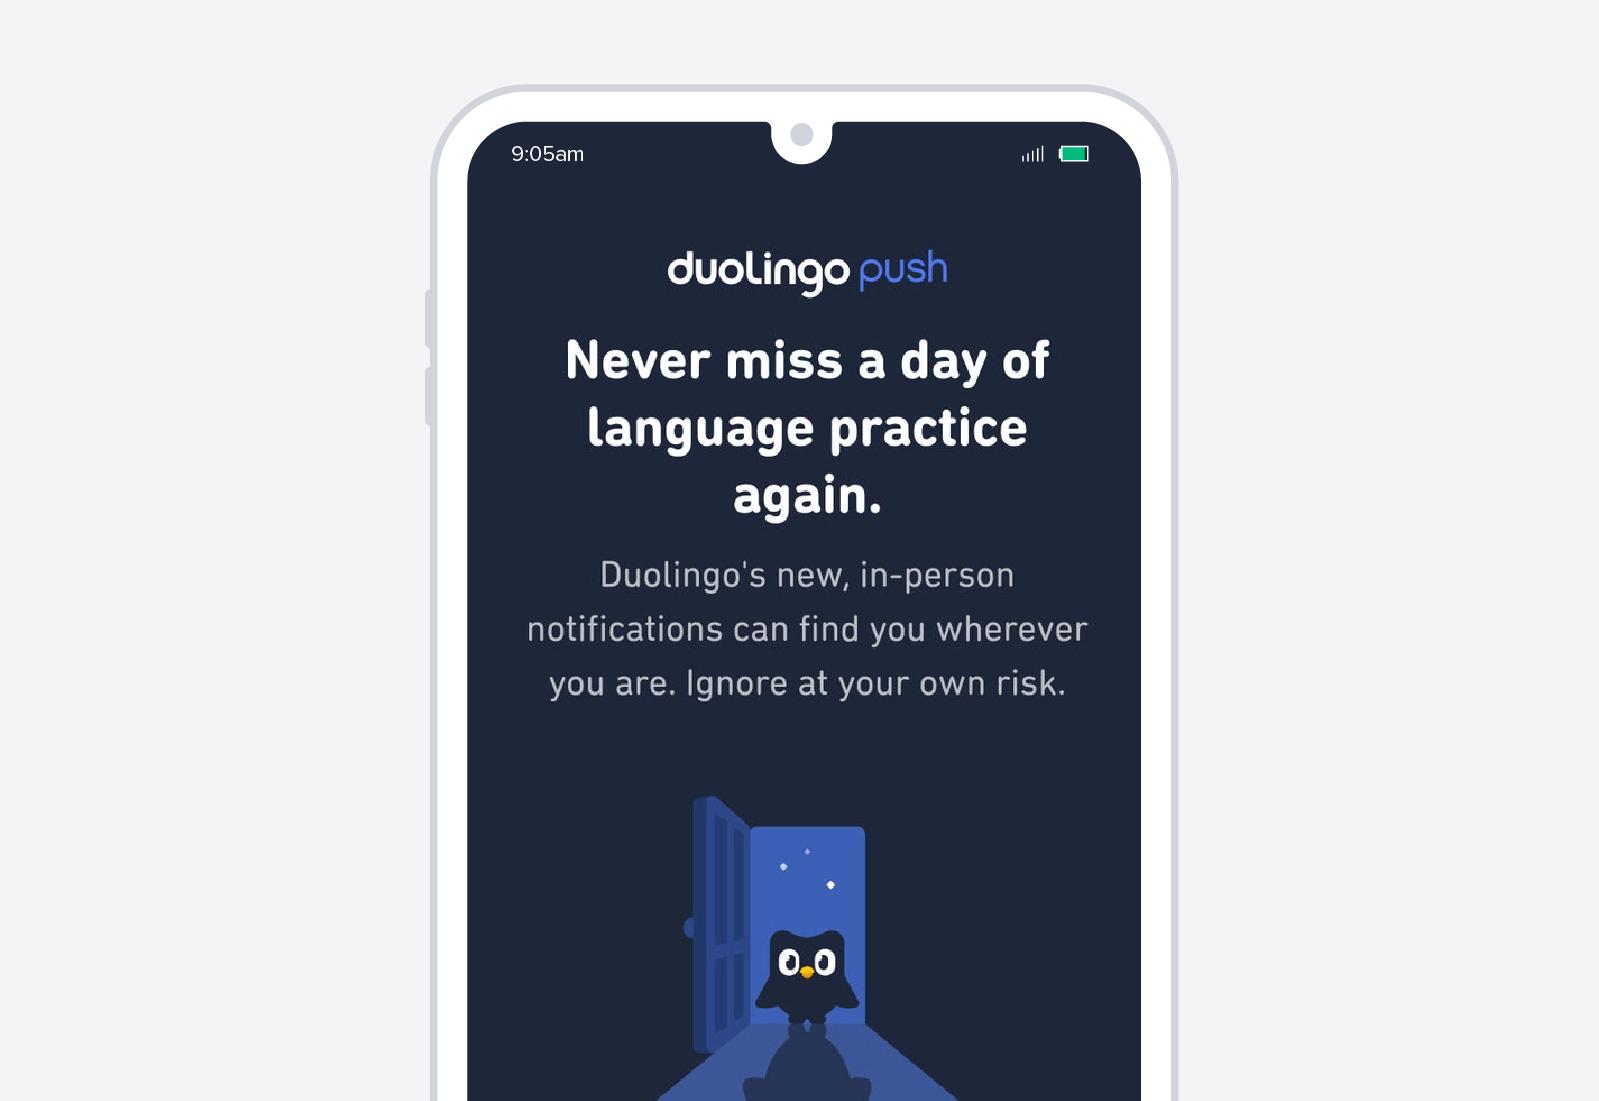 duolingo mobile advertisement